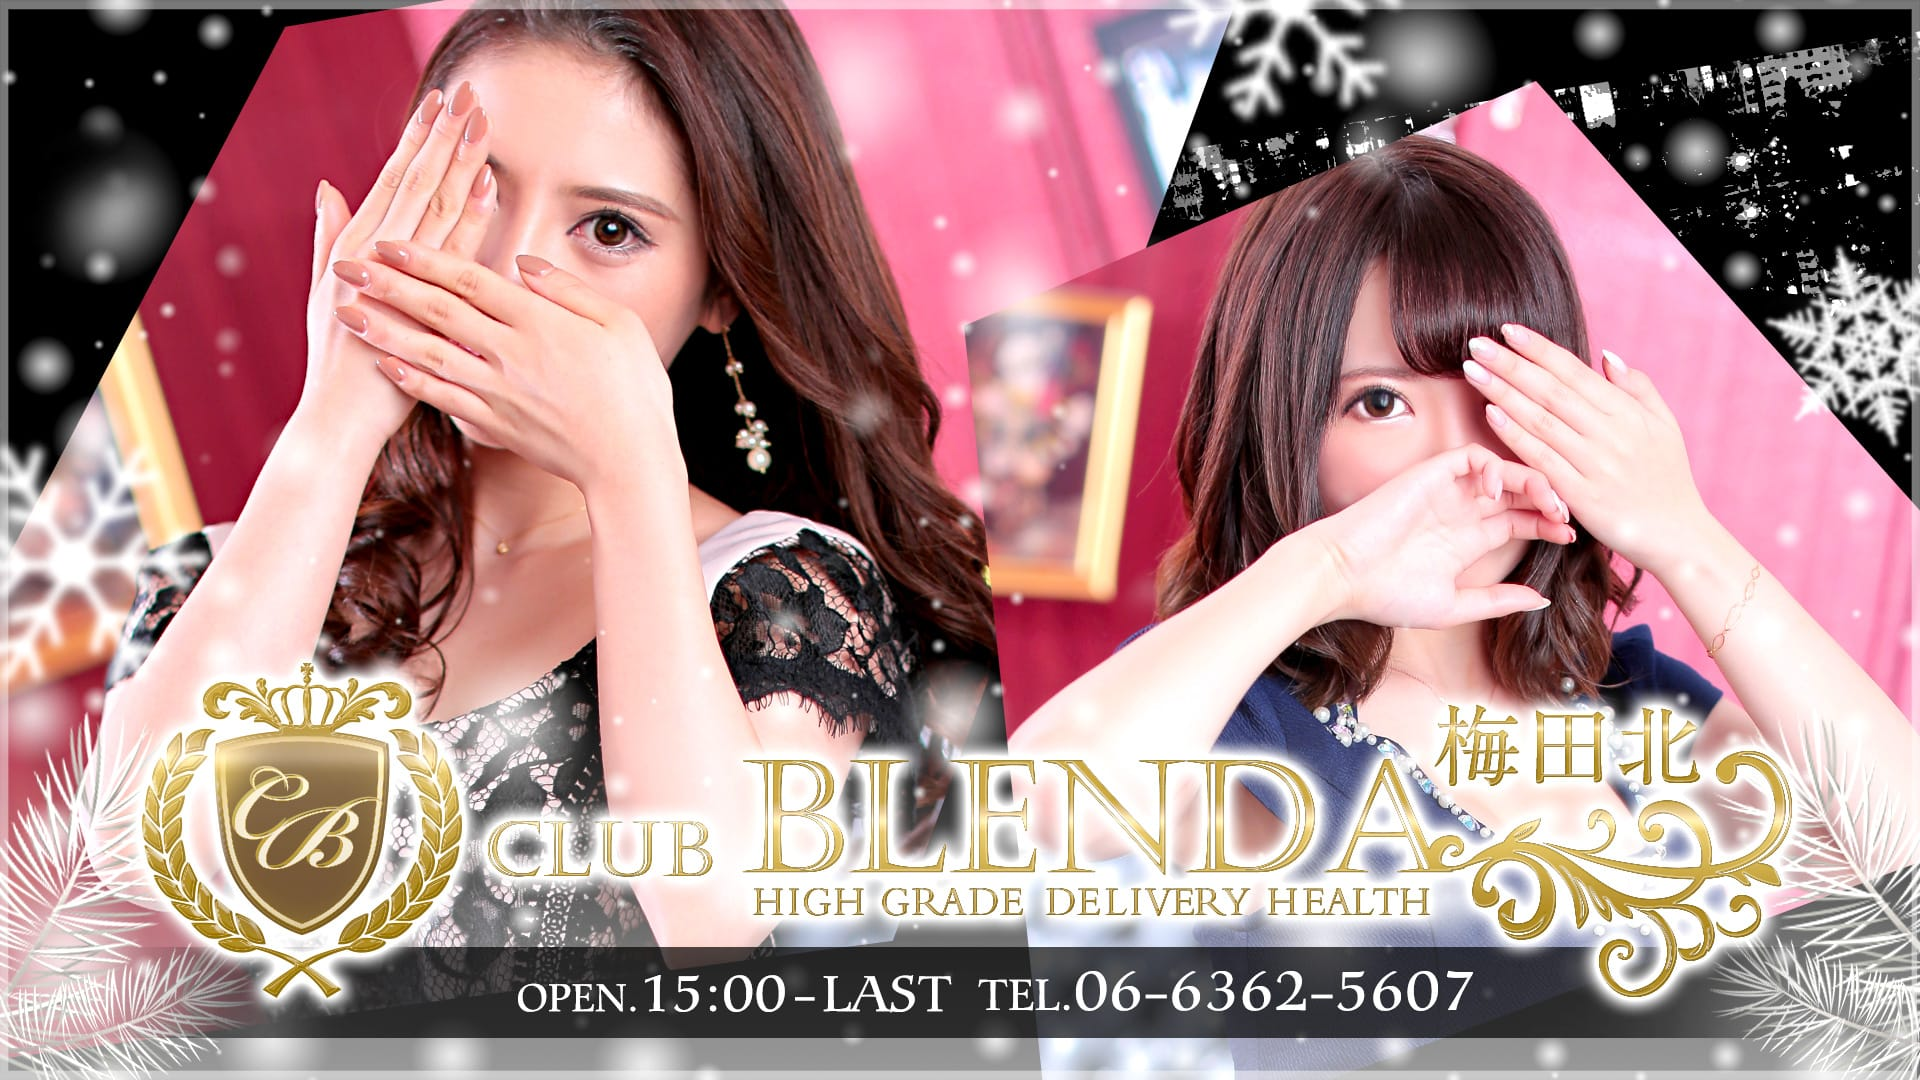 Club BLENDA(ブレンダ)梅田北店